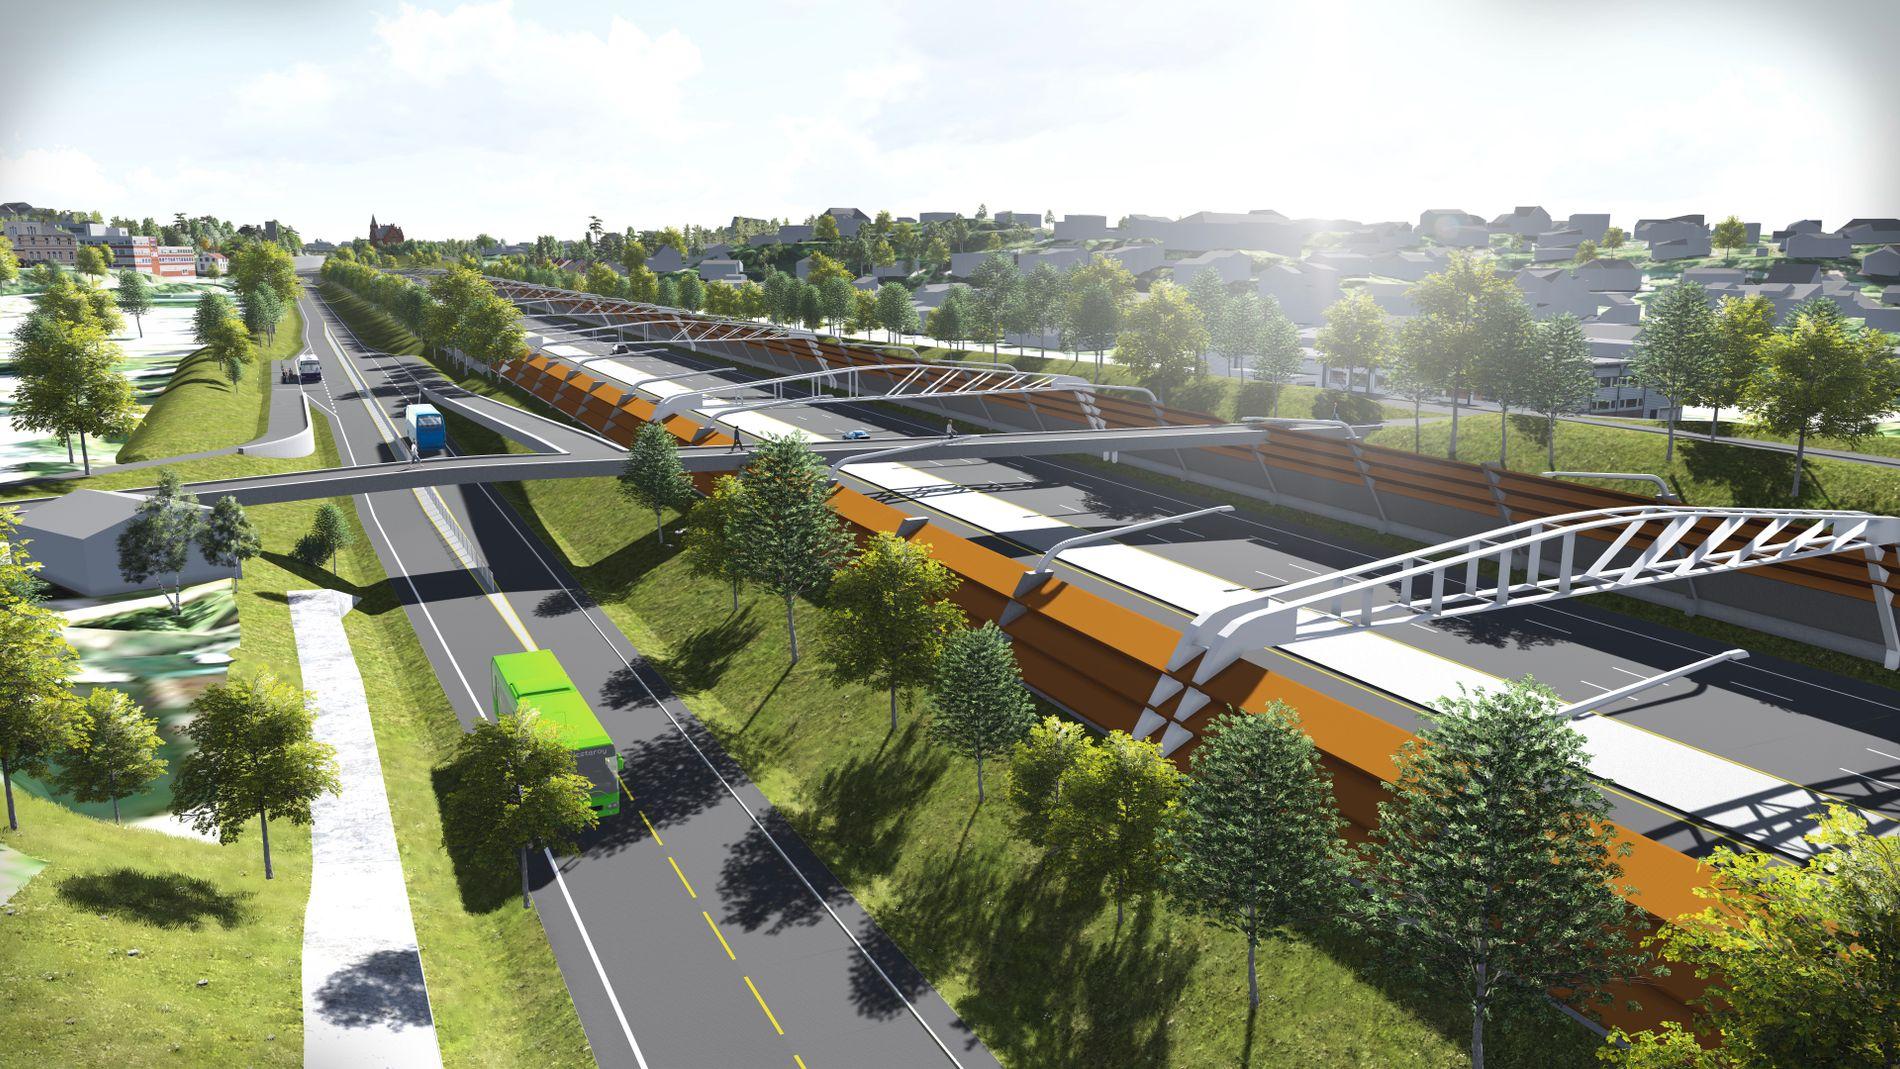 NY E18 PÅ HØVIK: Illustrasjon av ny E18 - oppe i dagen på Ramstadsletta ved Høvik i Bærum. Til venstre: En egen bussvei som utelukkende skal trafikkeres av busser.